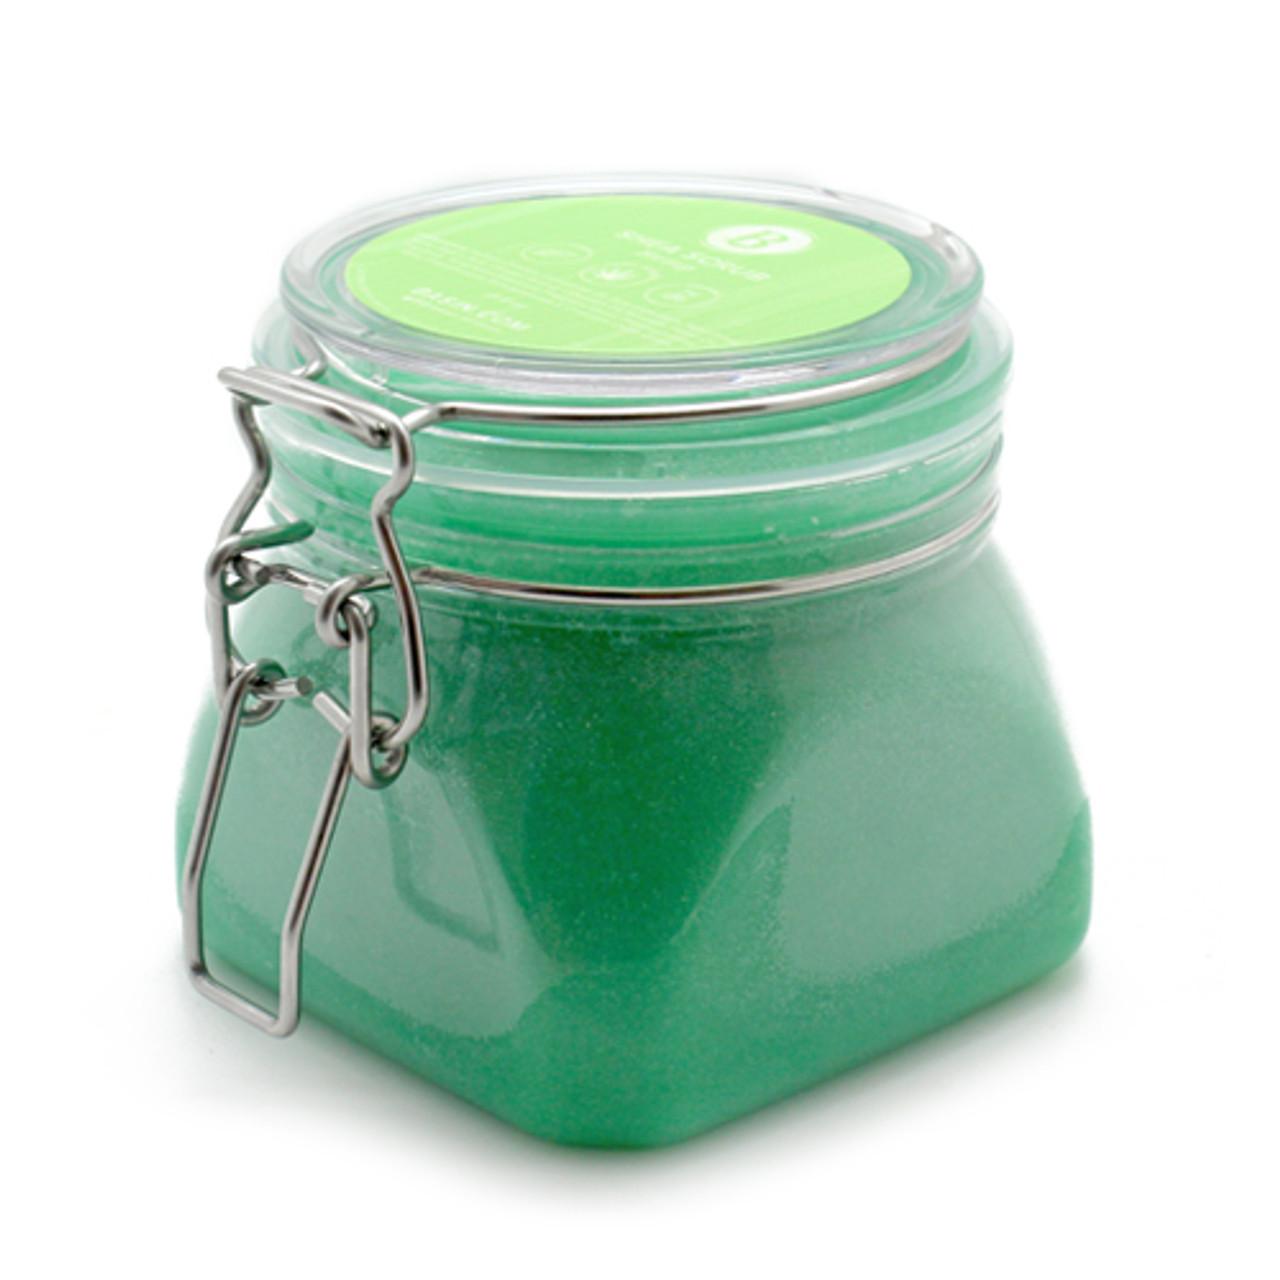 Hemp Shea Salt Scrub (30% OFF)